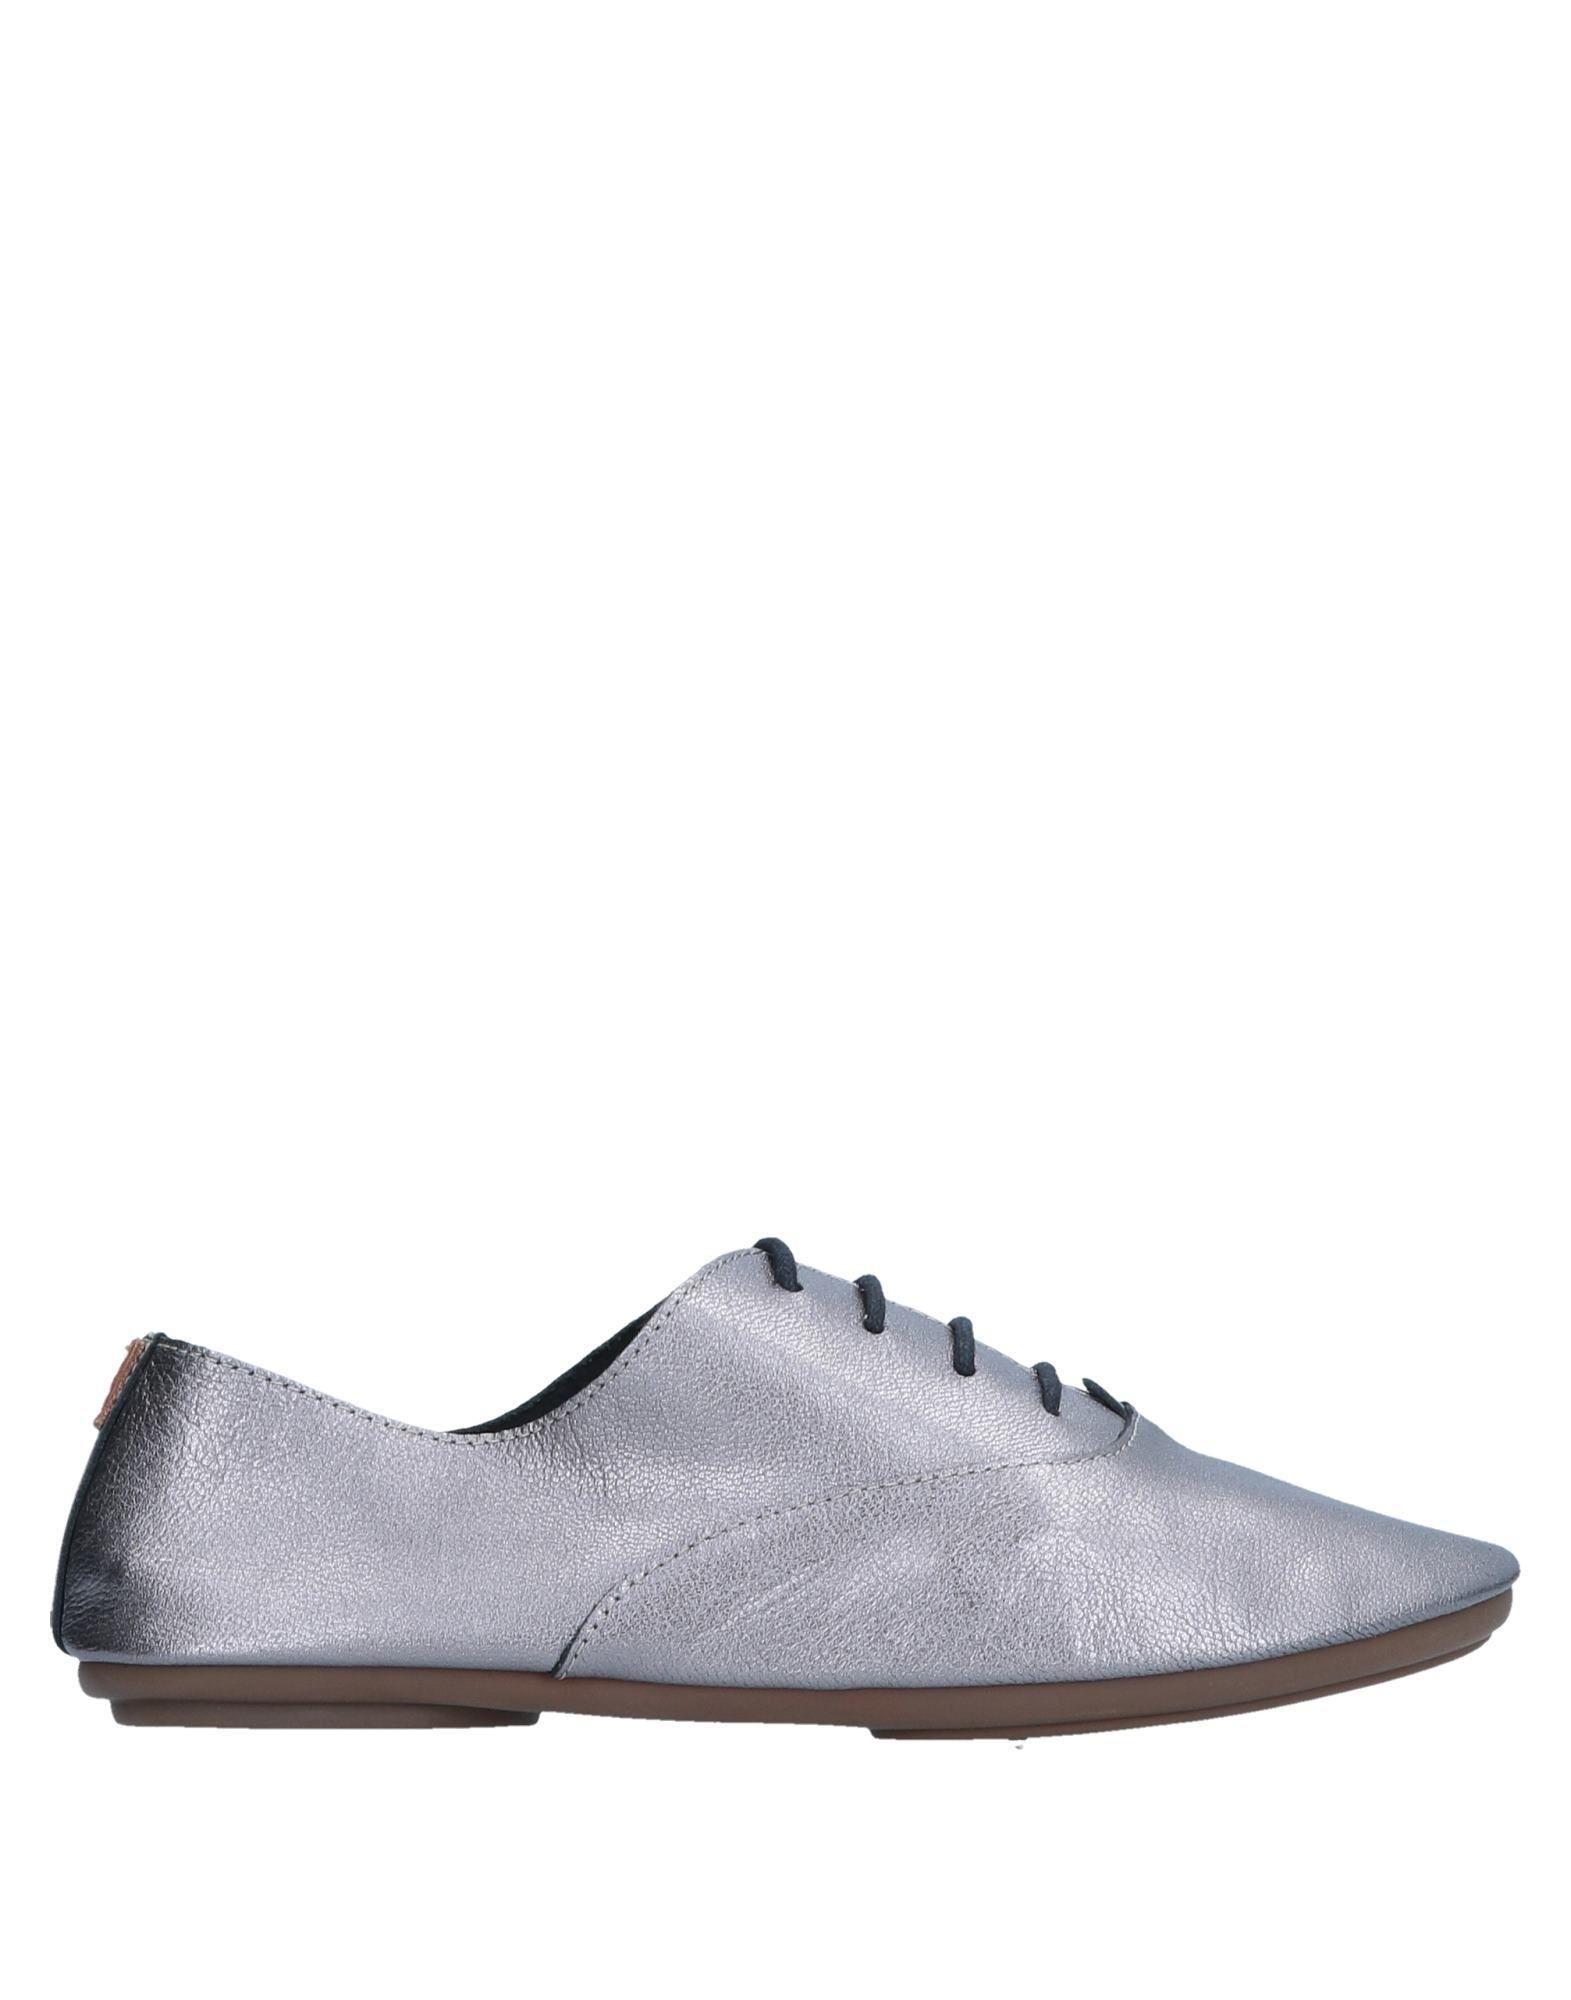 ANOTHERSOLE Обувь на шнурках coso мужская обувь деловая одежда обувь мужская обувь обувь обувь обувь обувь обувь обувь c731 черный 43 ярдов